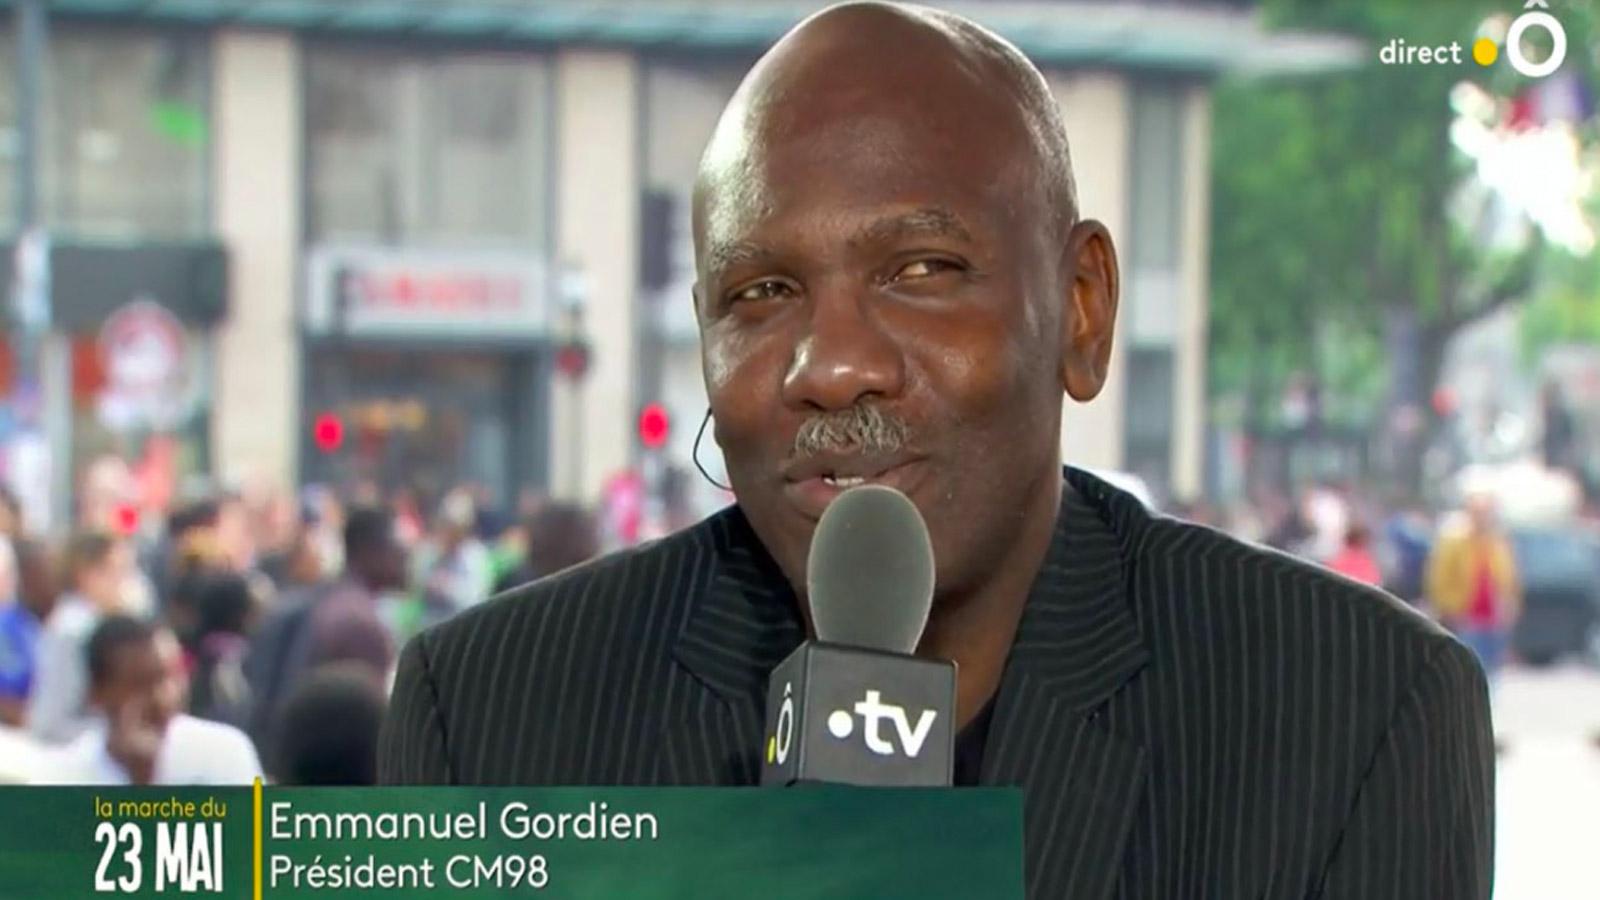 DR-EmmanuelGordien,-Président-de-CM98